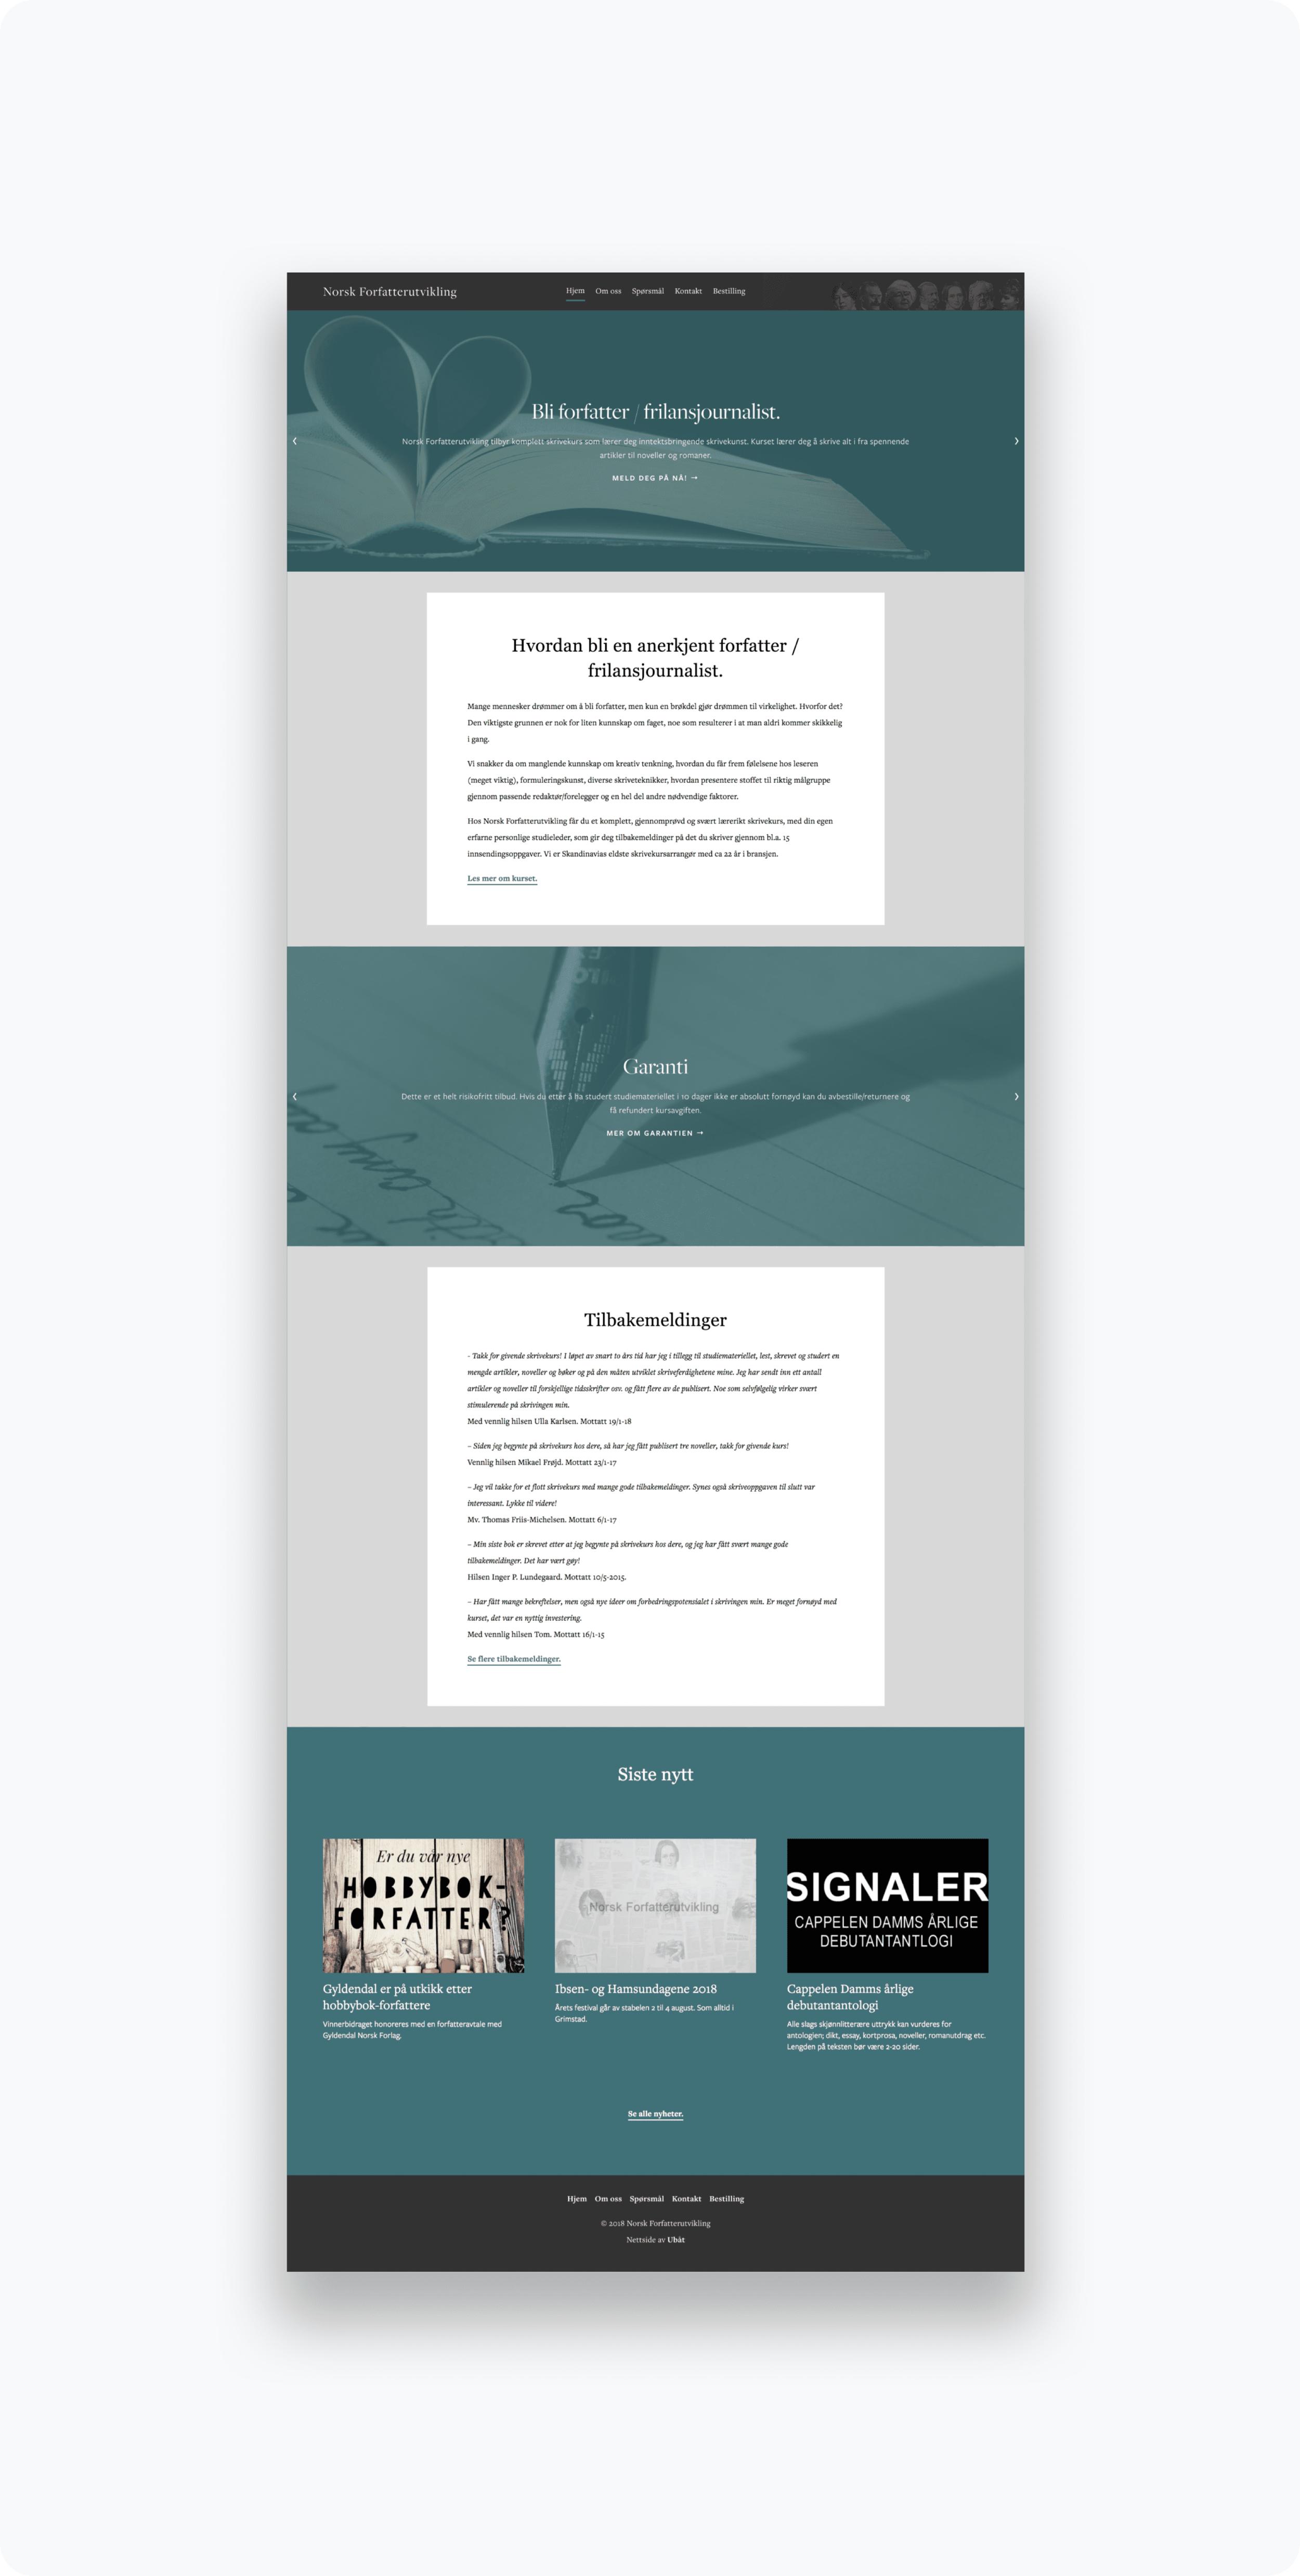 norsk-forfatterutvikling-1